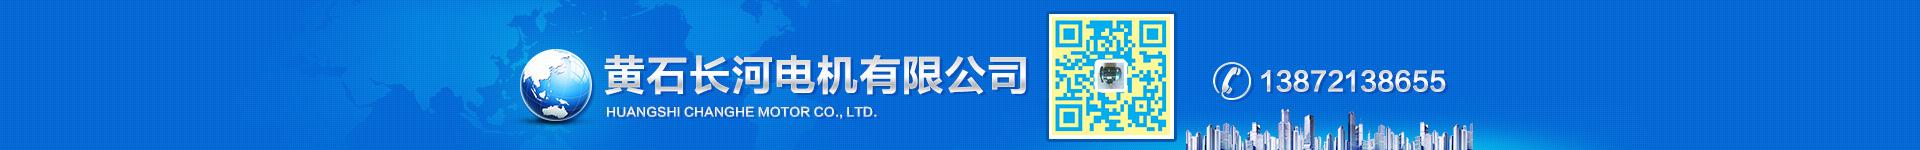 黄石长河电机有限公司